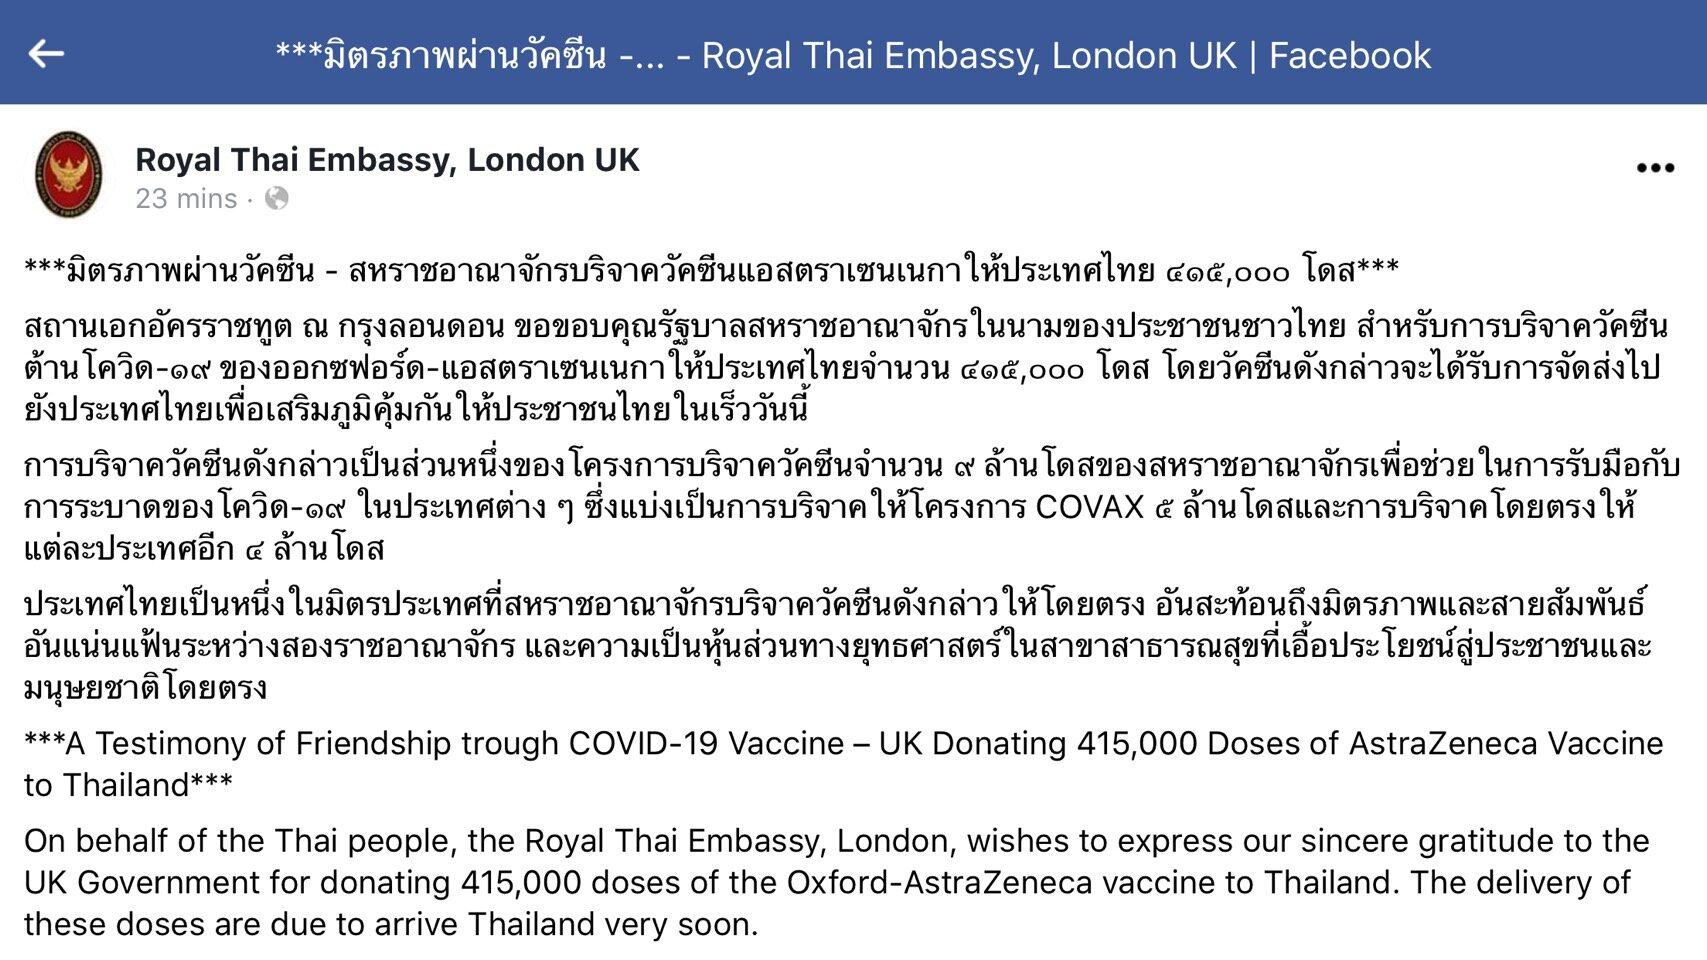 สอท.ขอบคุณอังกฤษ บริจาควัคซีน 4.15 แสนโดสให้ไทย ส่งถึงสัปดาห์หน้า